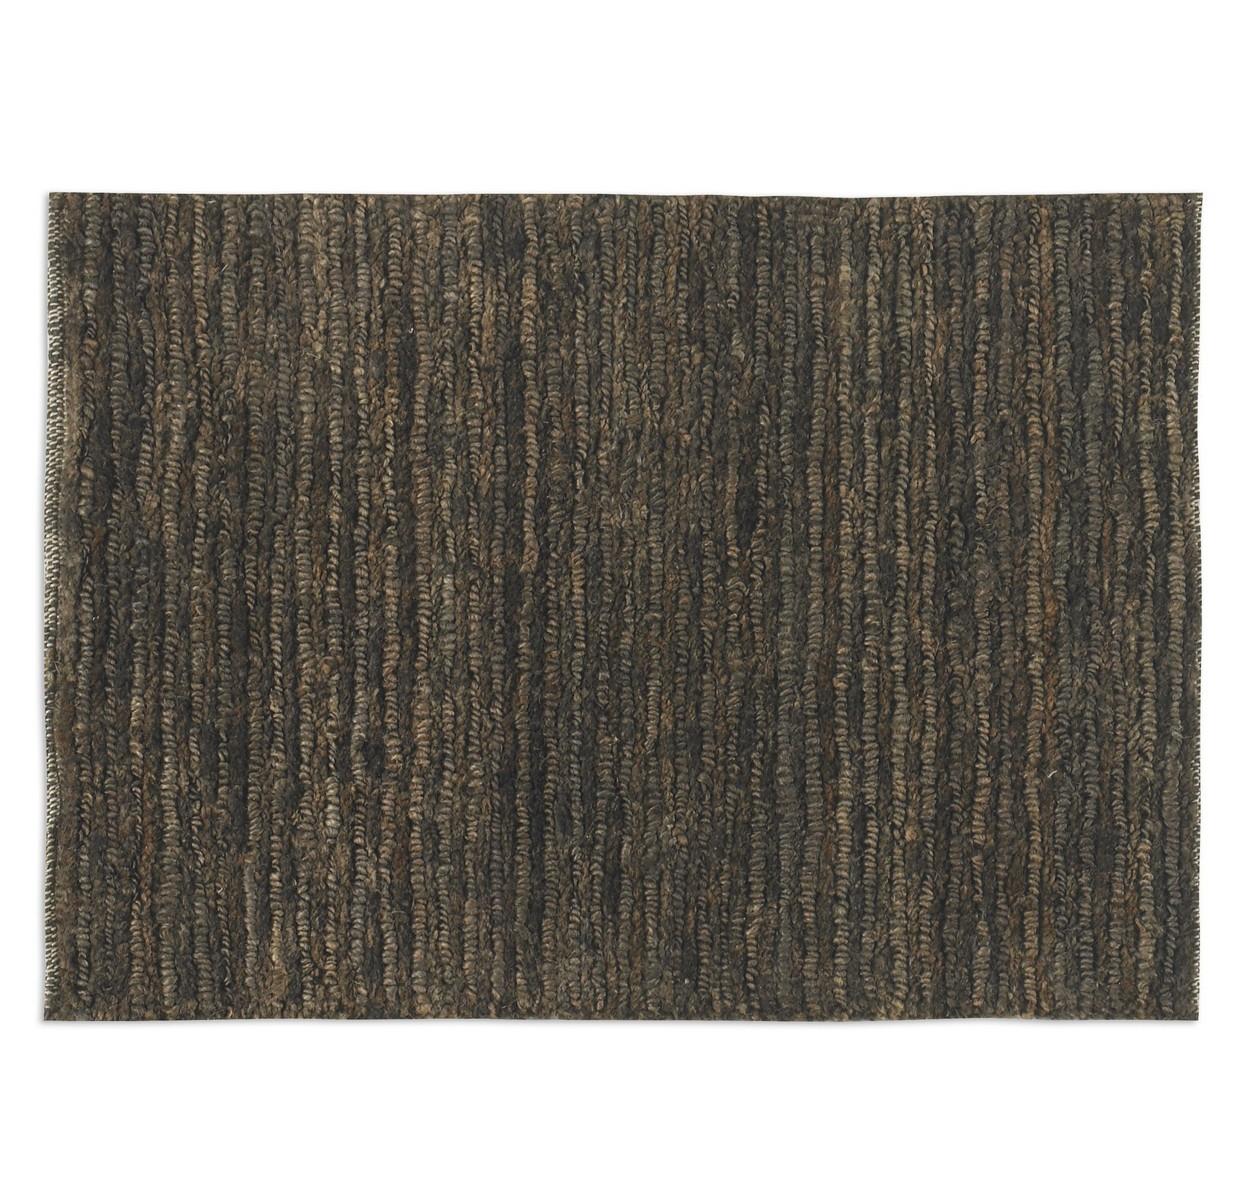 Uttermost Jessore 9 X 12 Rug - Brown